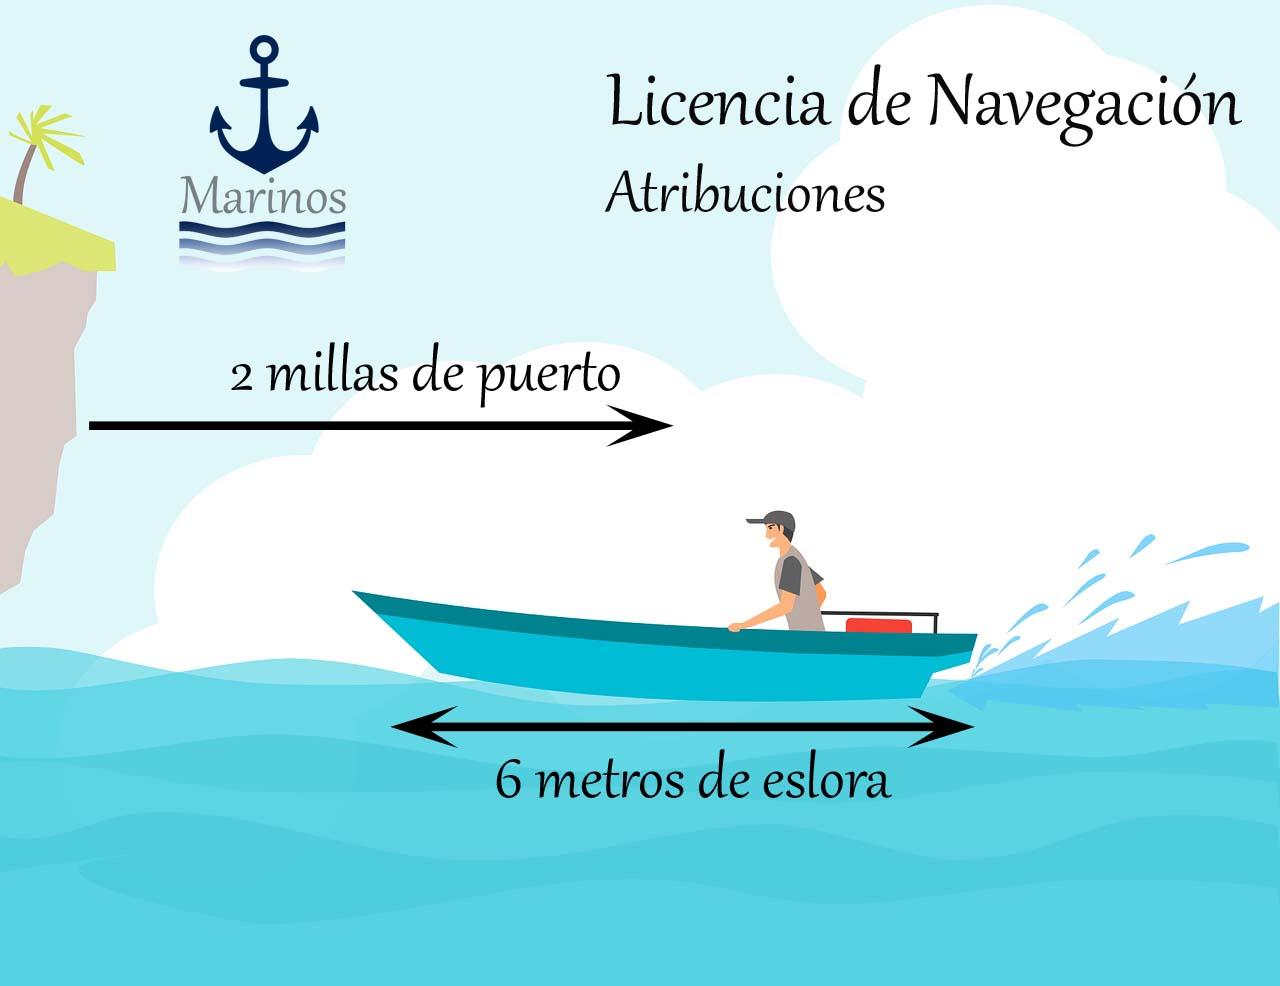 Atribuciones de la Licencia de Navegación